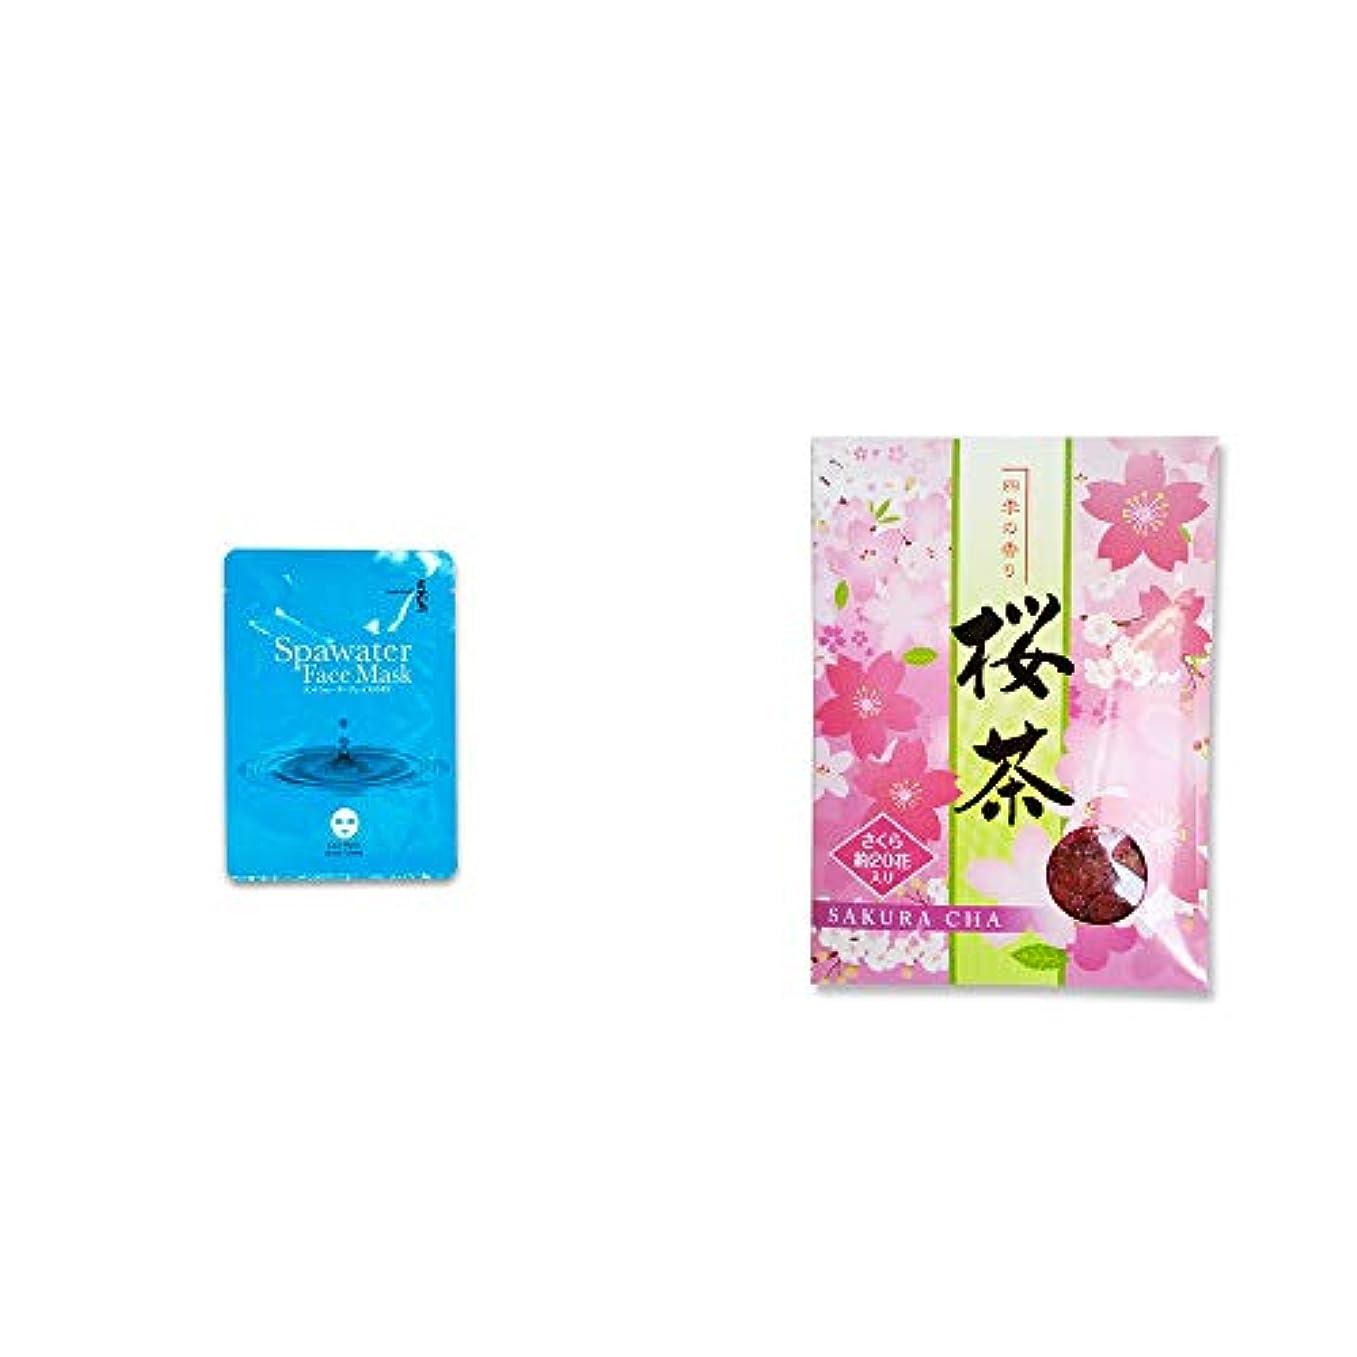 無謀大声で差し控える[2点セット] ひのき炭黒泉 スパウォーターフェイスマスク(18ml×3枚入)・桜茶(40g)